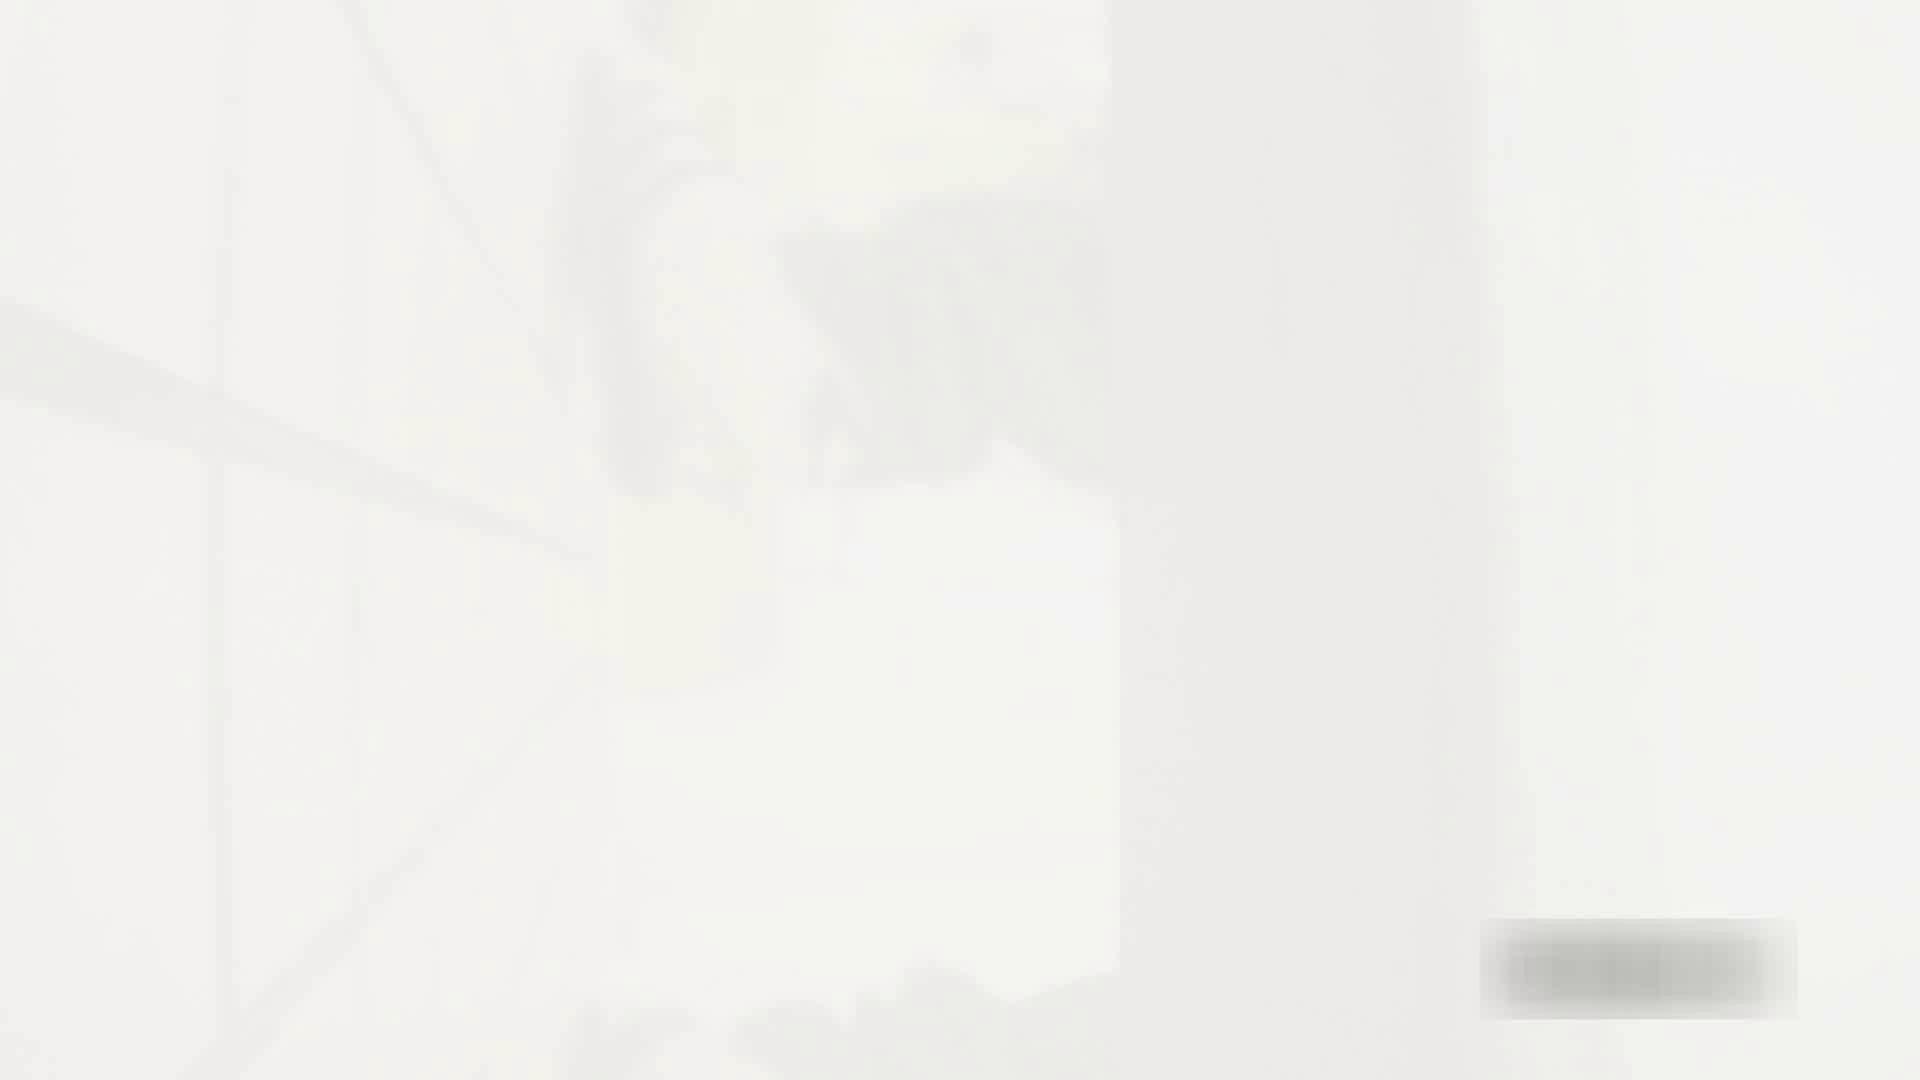 お姉さんの恥便所盗撮! Vol.4 盗撮 | リアル便所潜入  102画像 101